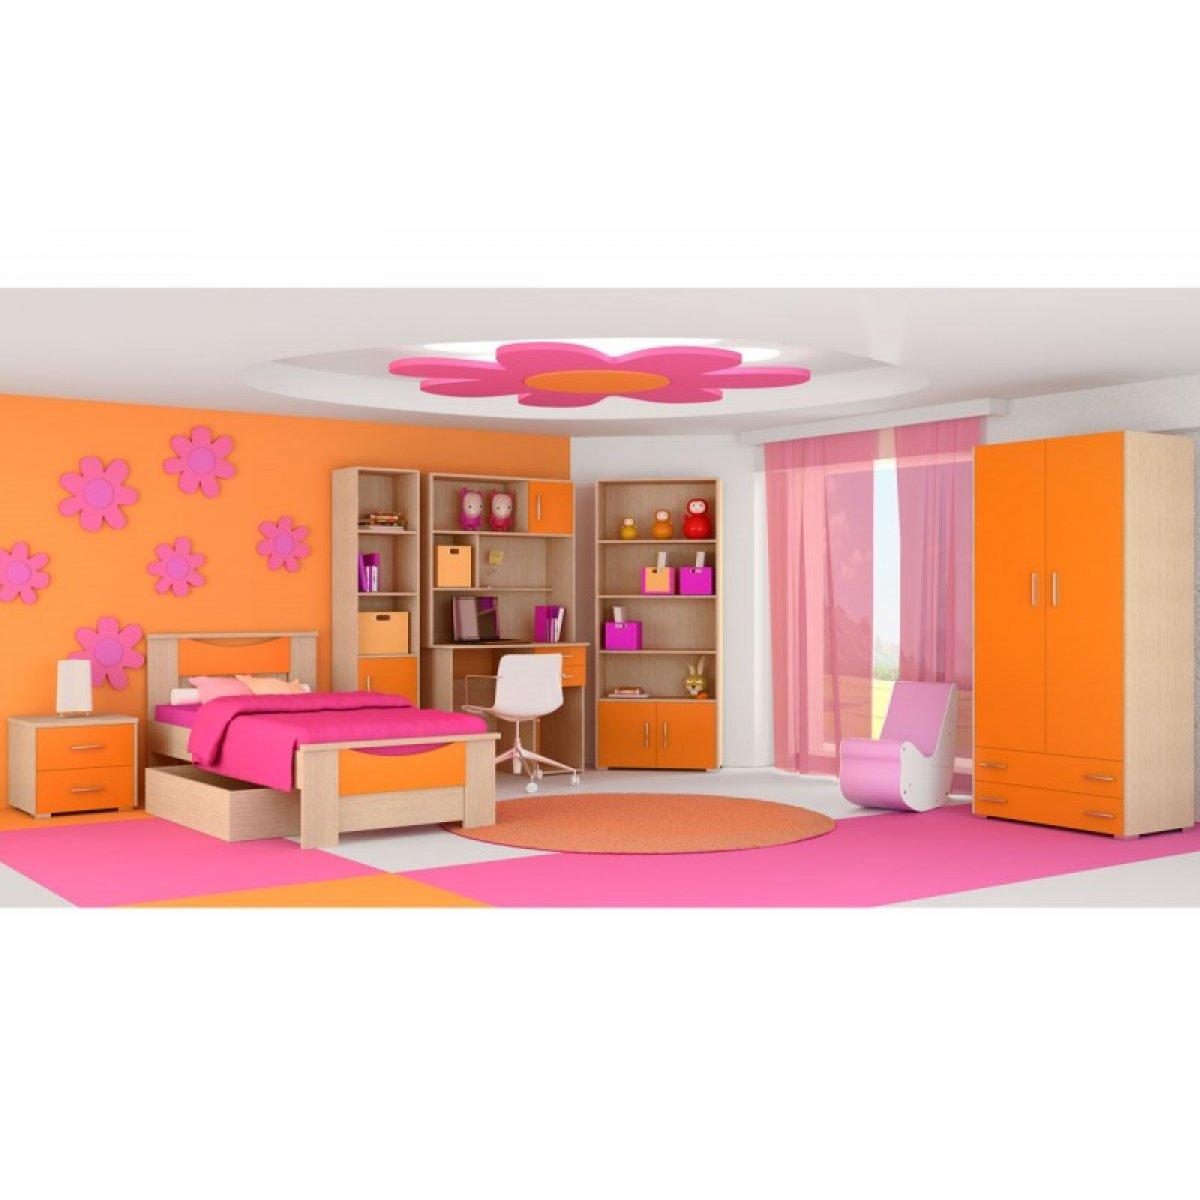 8c14a0f9dba Παιδικό δωμάτιο